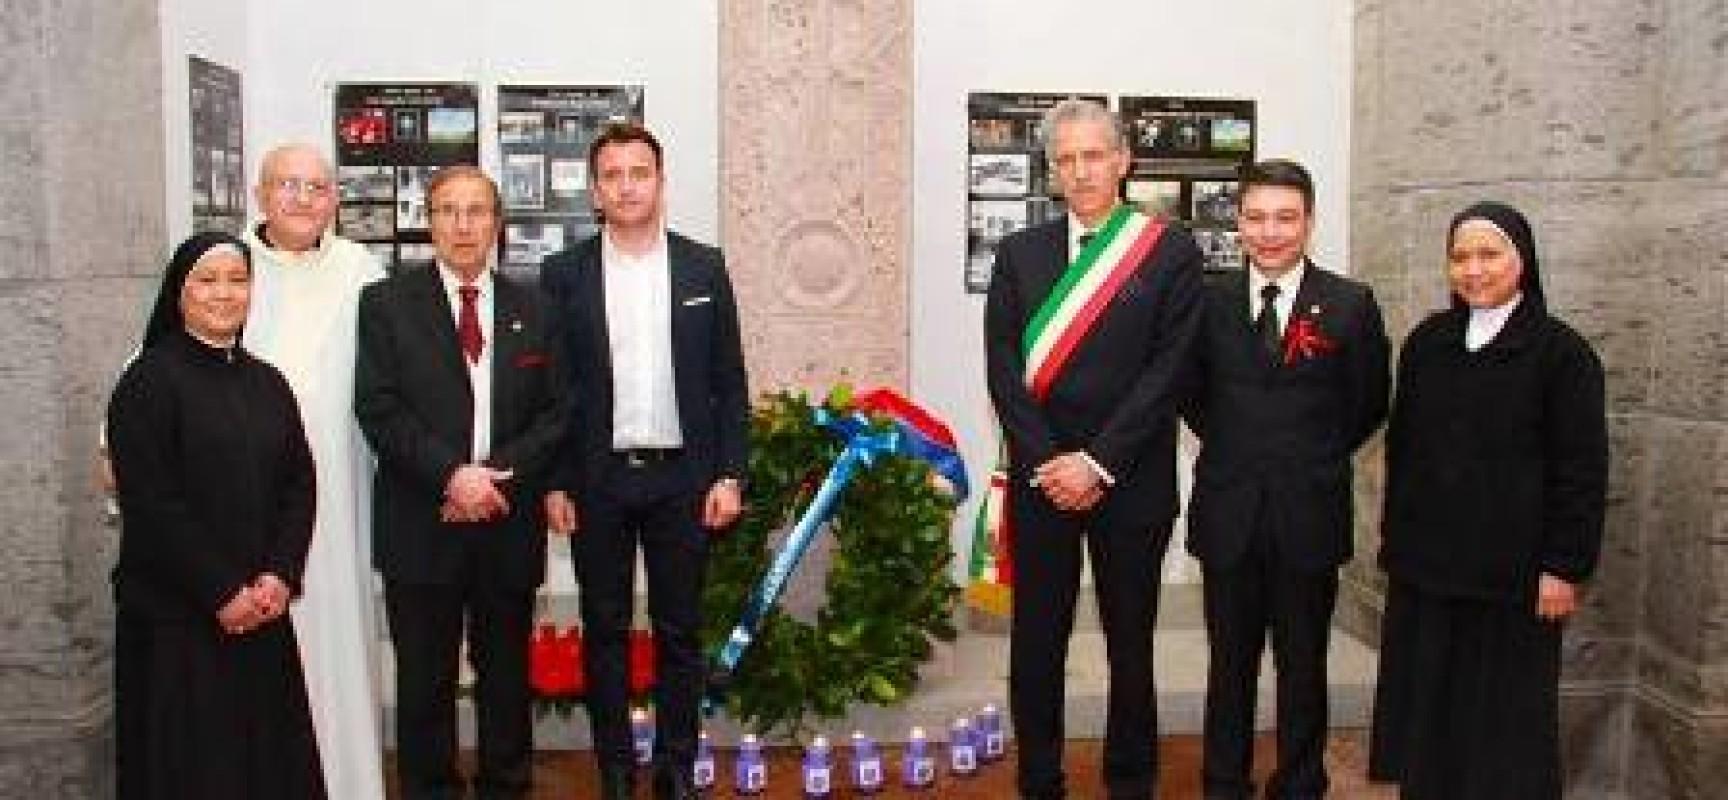 Armeni, anche Napoli ricorda il genocidio